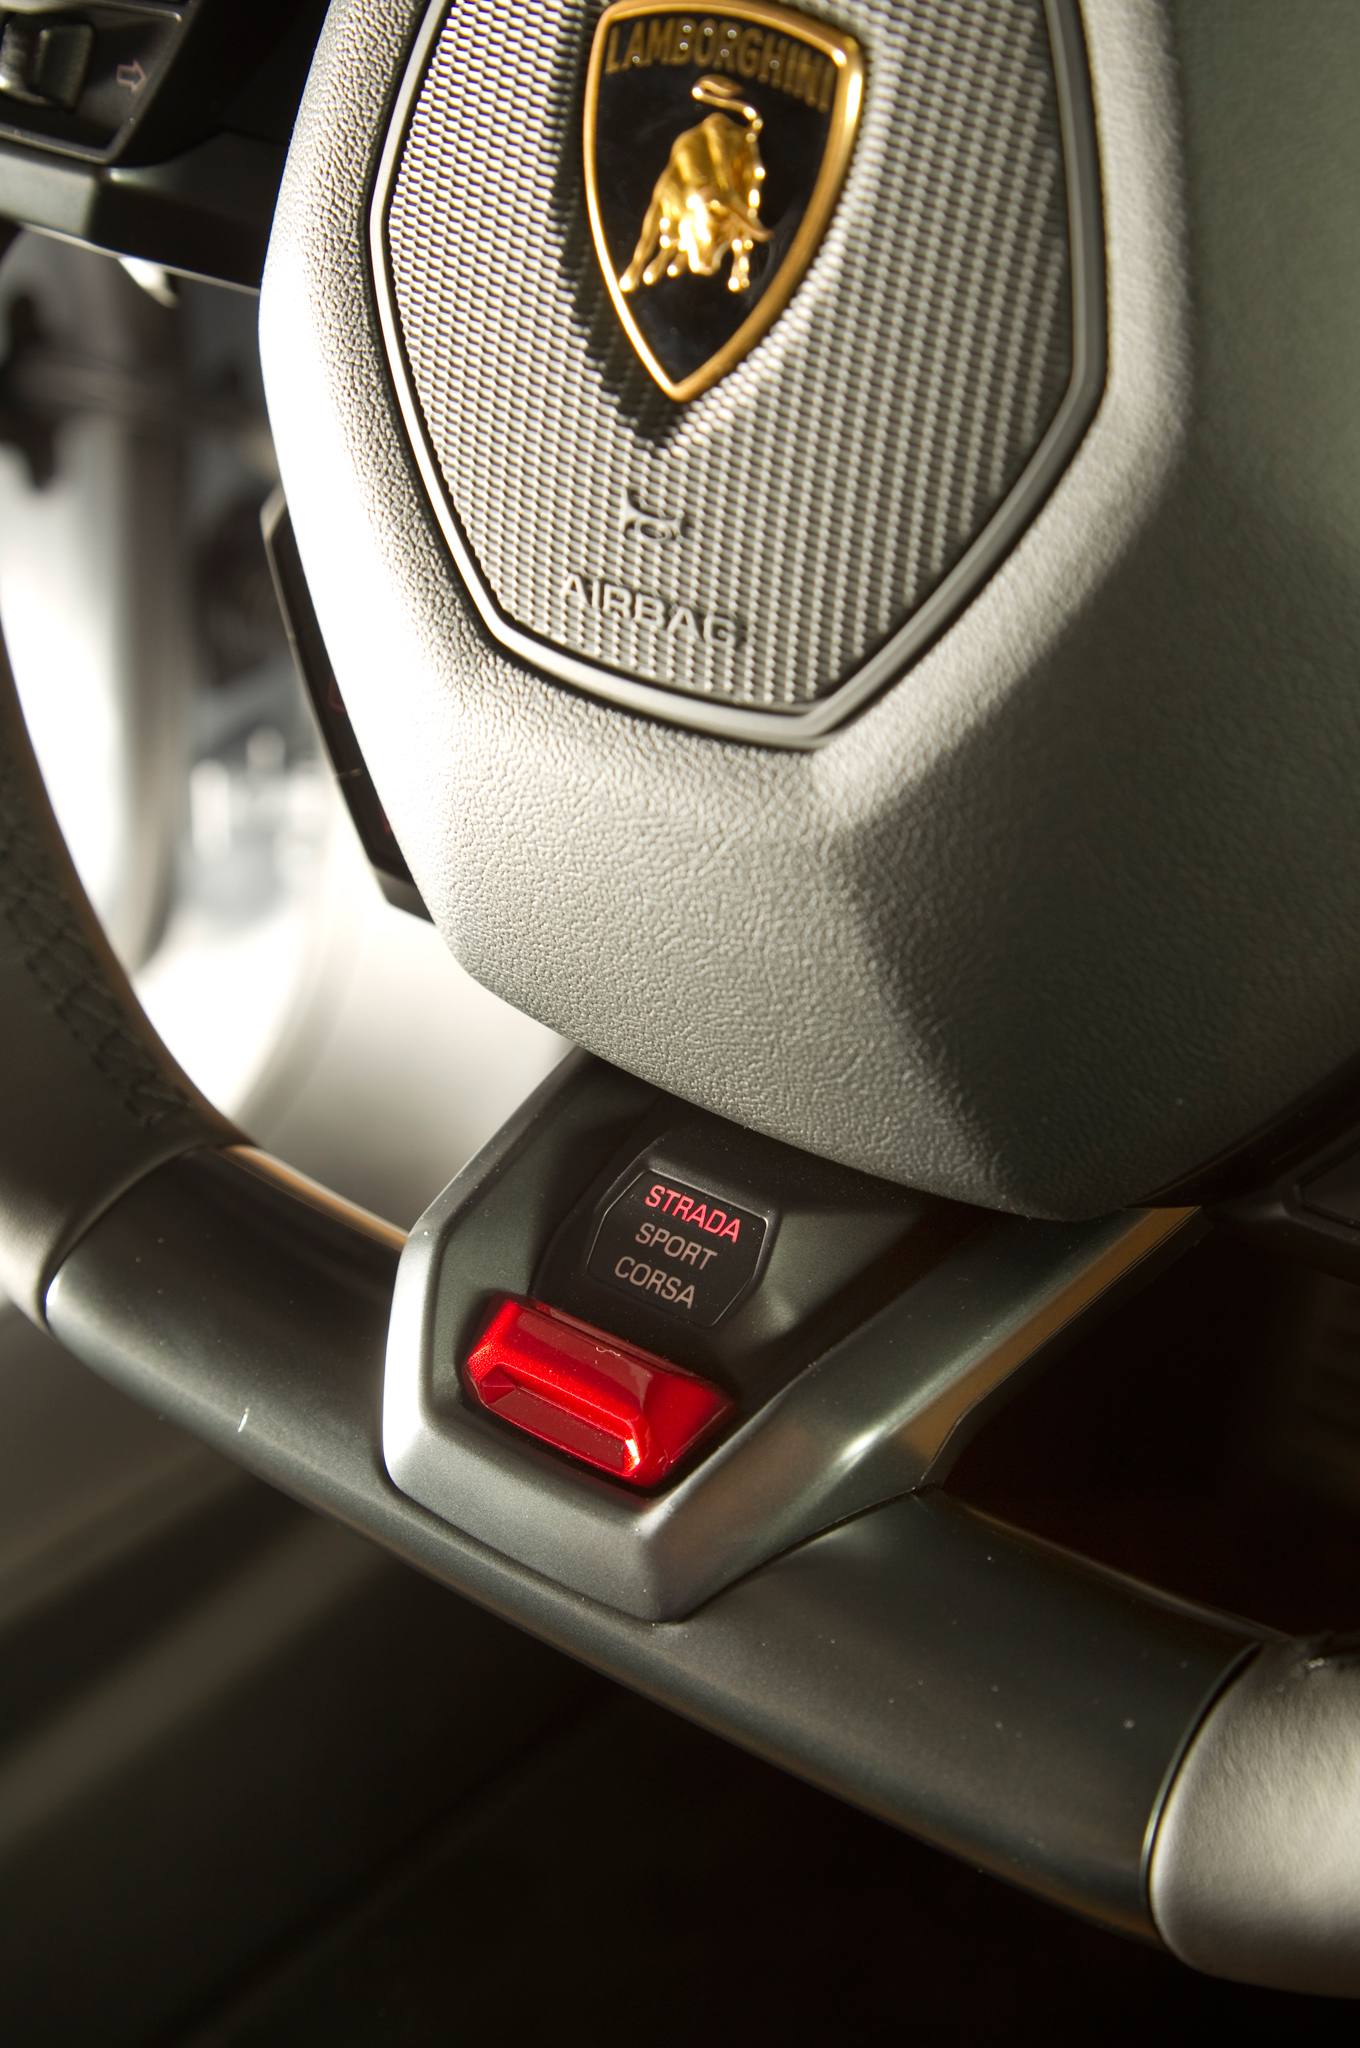 http—image.motortrend.com-f-roadtests-exotic-1312_2015_lamborghini_huracan_first_look-59412242-2015-Lamborghini-Huracan-steering-wheel-controls